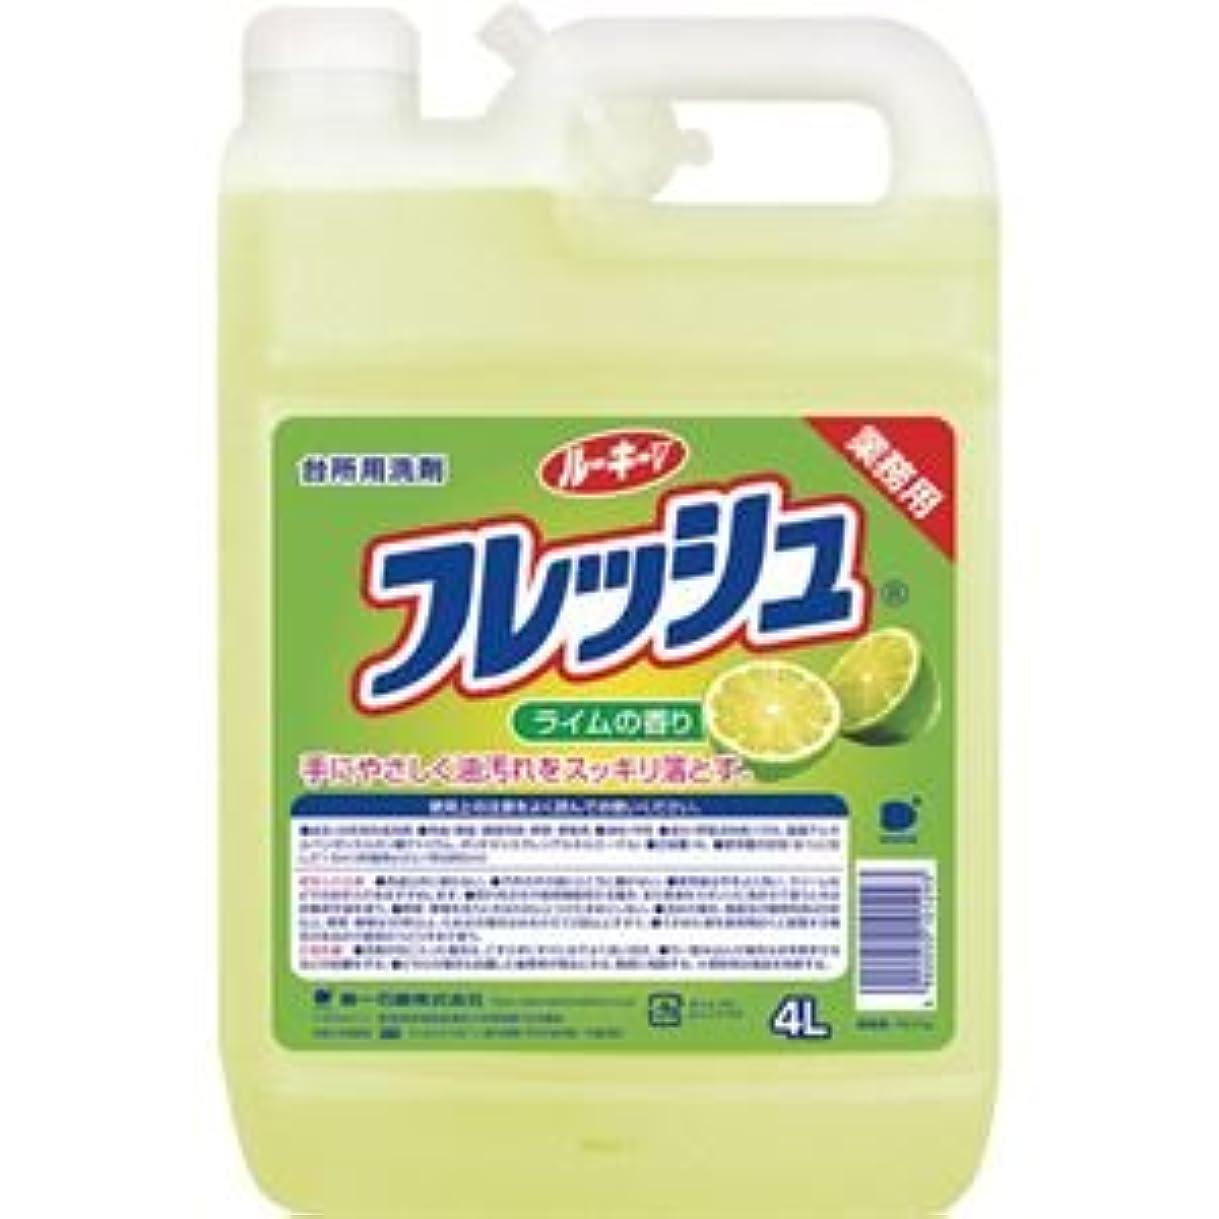 父方のましい賢い(まとめ) 第一石鹸 ルーキーVフレッシュ 業務用 4L 1本 【×5セット】